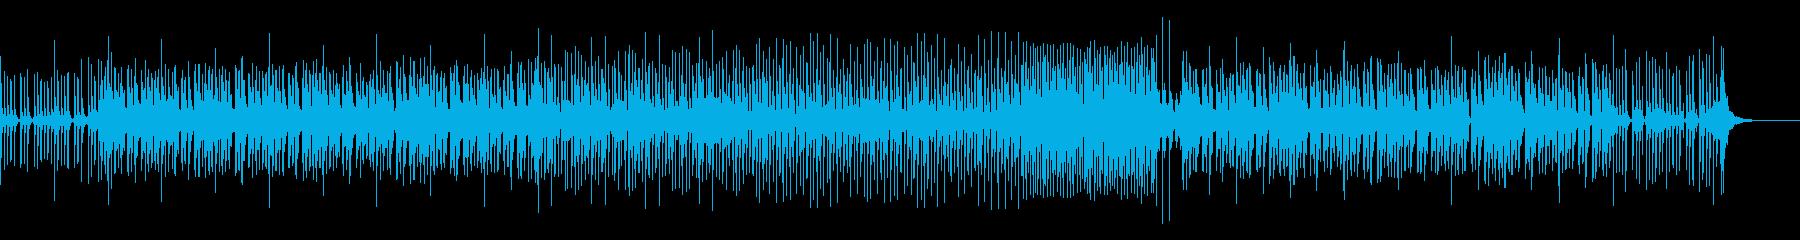 和楽器を使った 和風ダンスミュージックの再生済みの波形